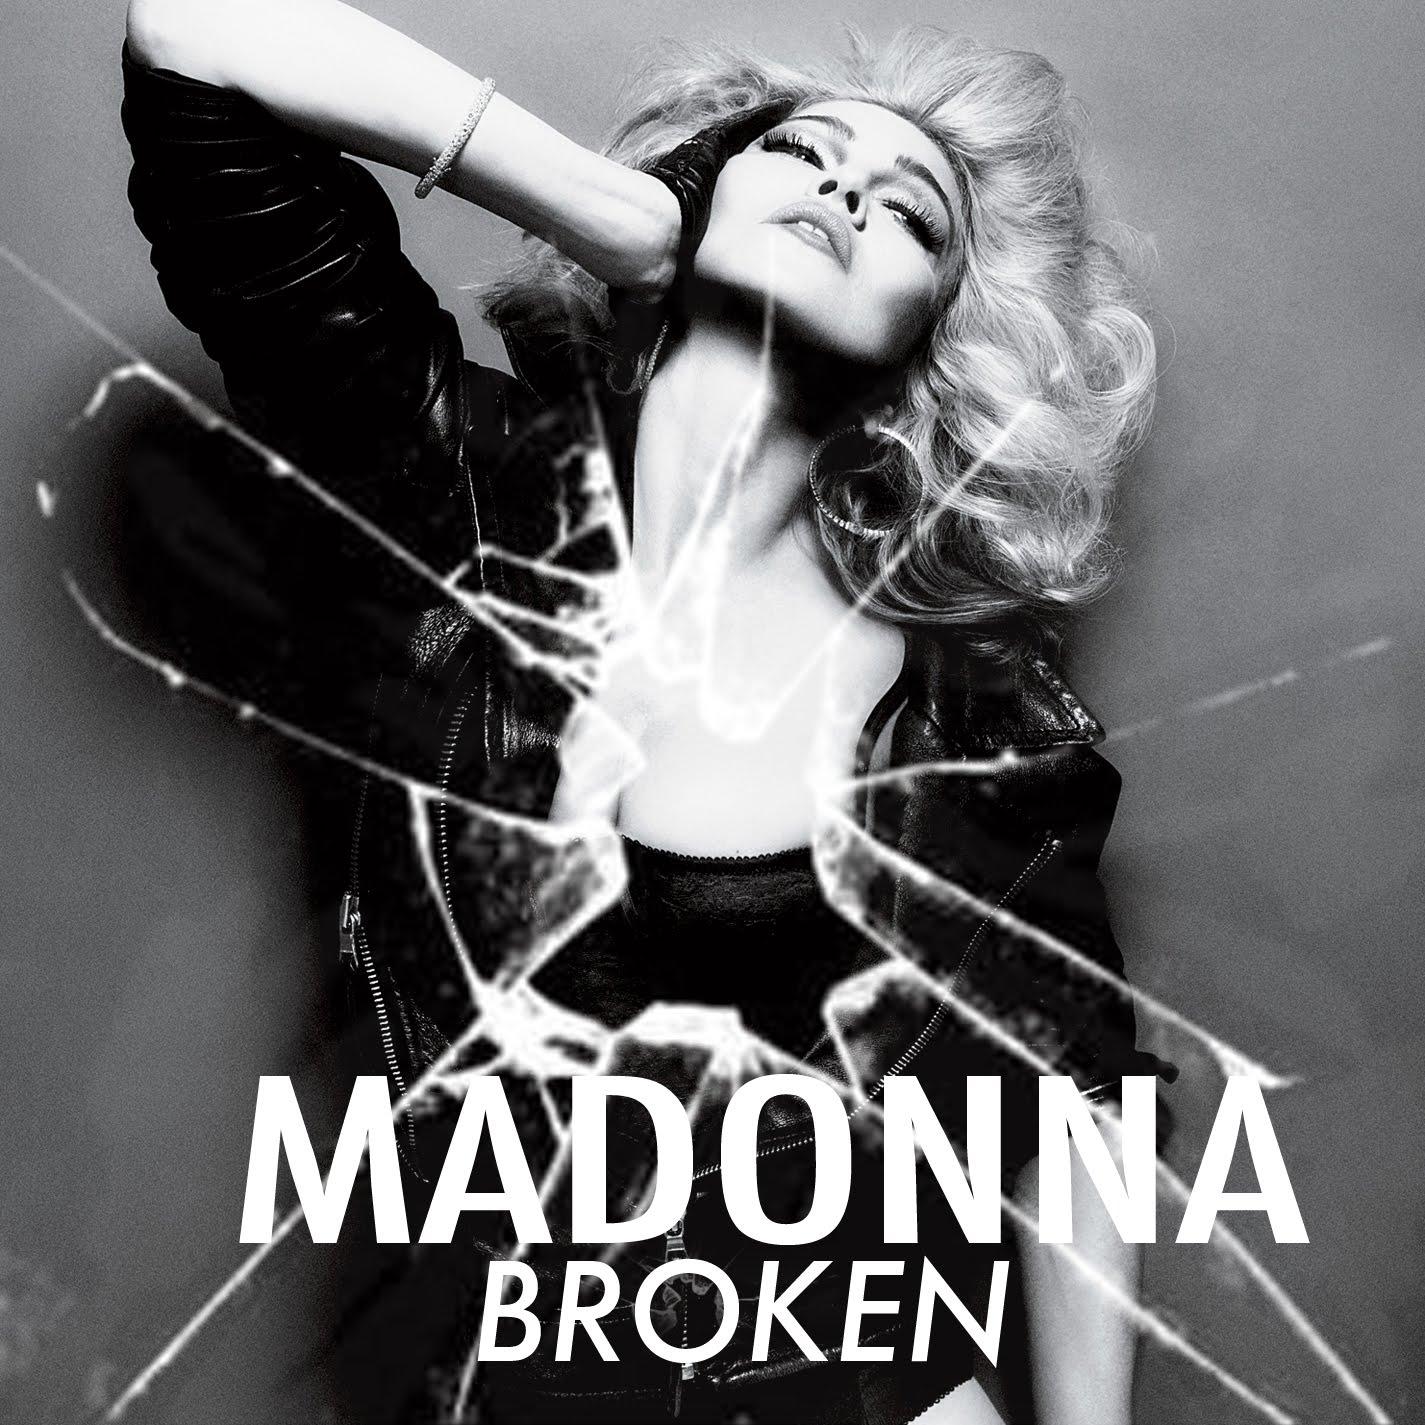 http://3.bp.blogspot.com/_5XsBAuYiXrY/TIU7bAbn-HI/AAAAAAAAAKE/wp_wvdH_9BY/s1600/2010+-+Madonna+by+Alas+%26+Piggott+for+Interview+-+10.jpg